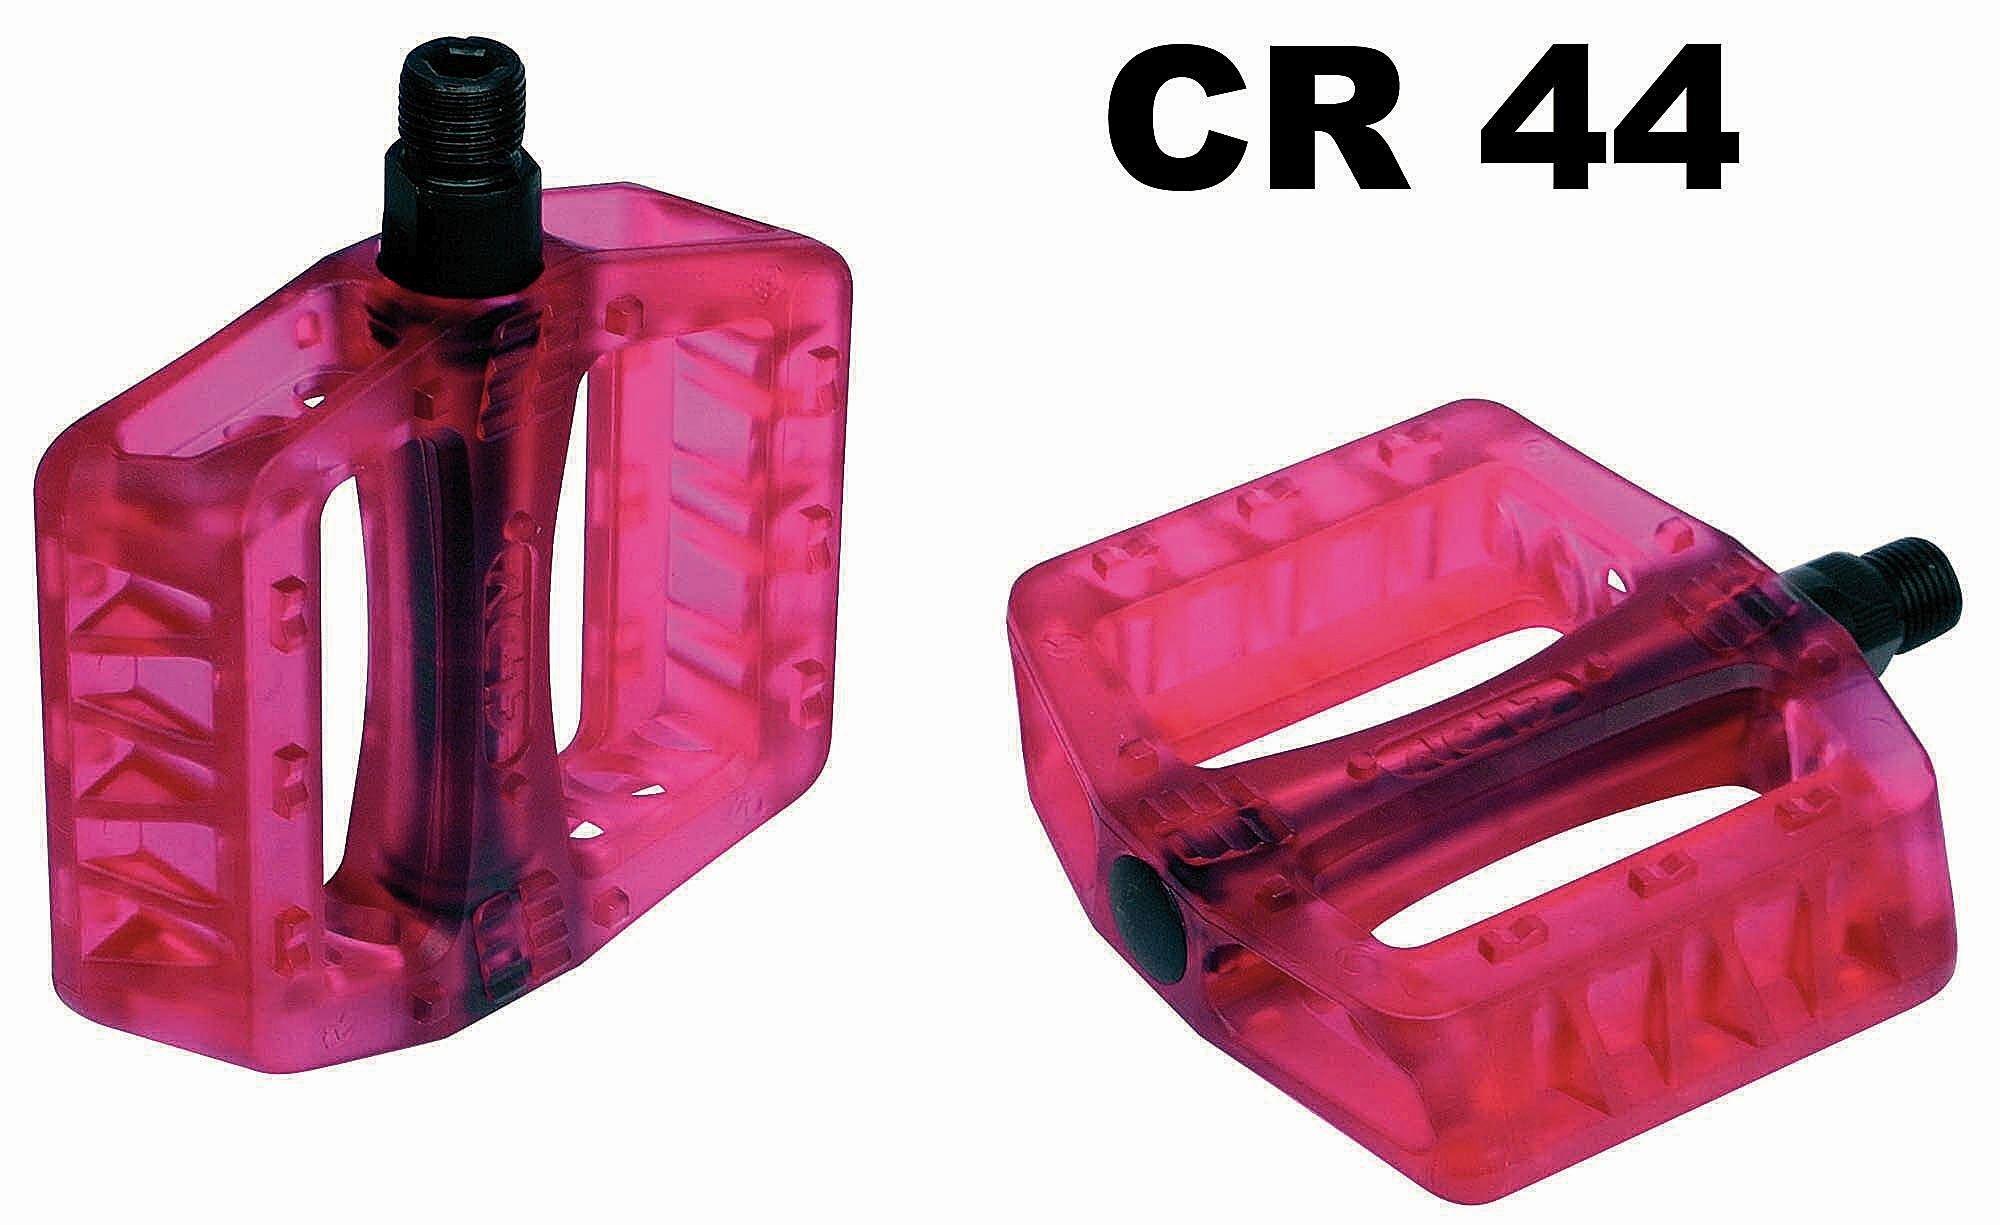 bmx-, dirt -, fr-pedale/Pedale: NC-17  CR 44 Plastic Pro  Plattformpedalen 916 916 Zoll